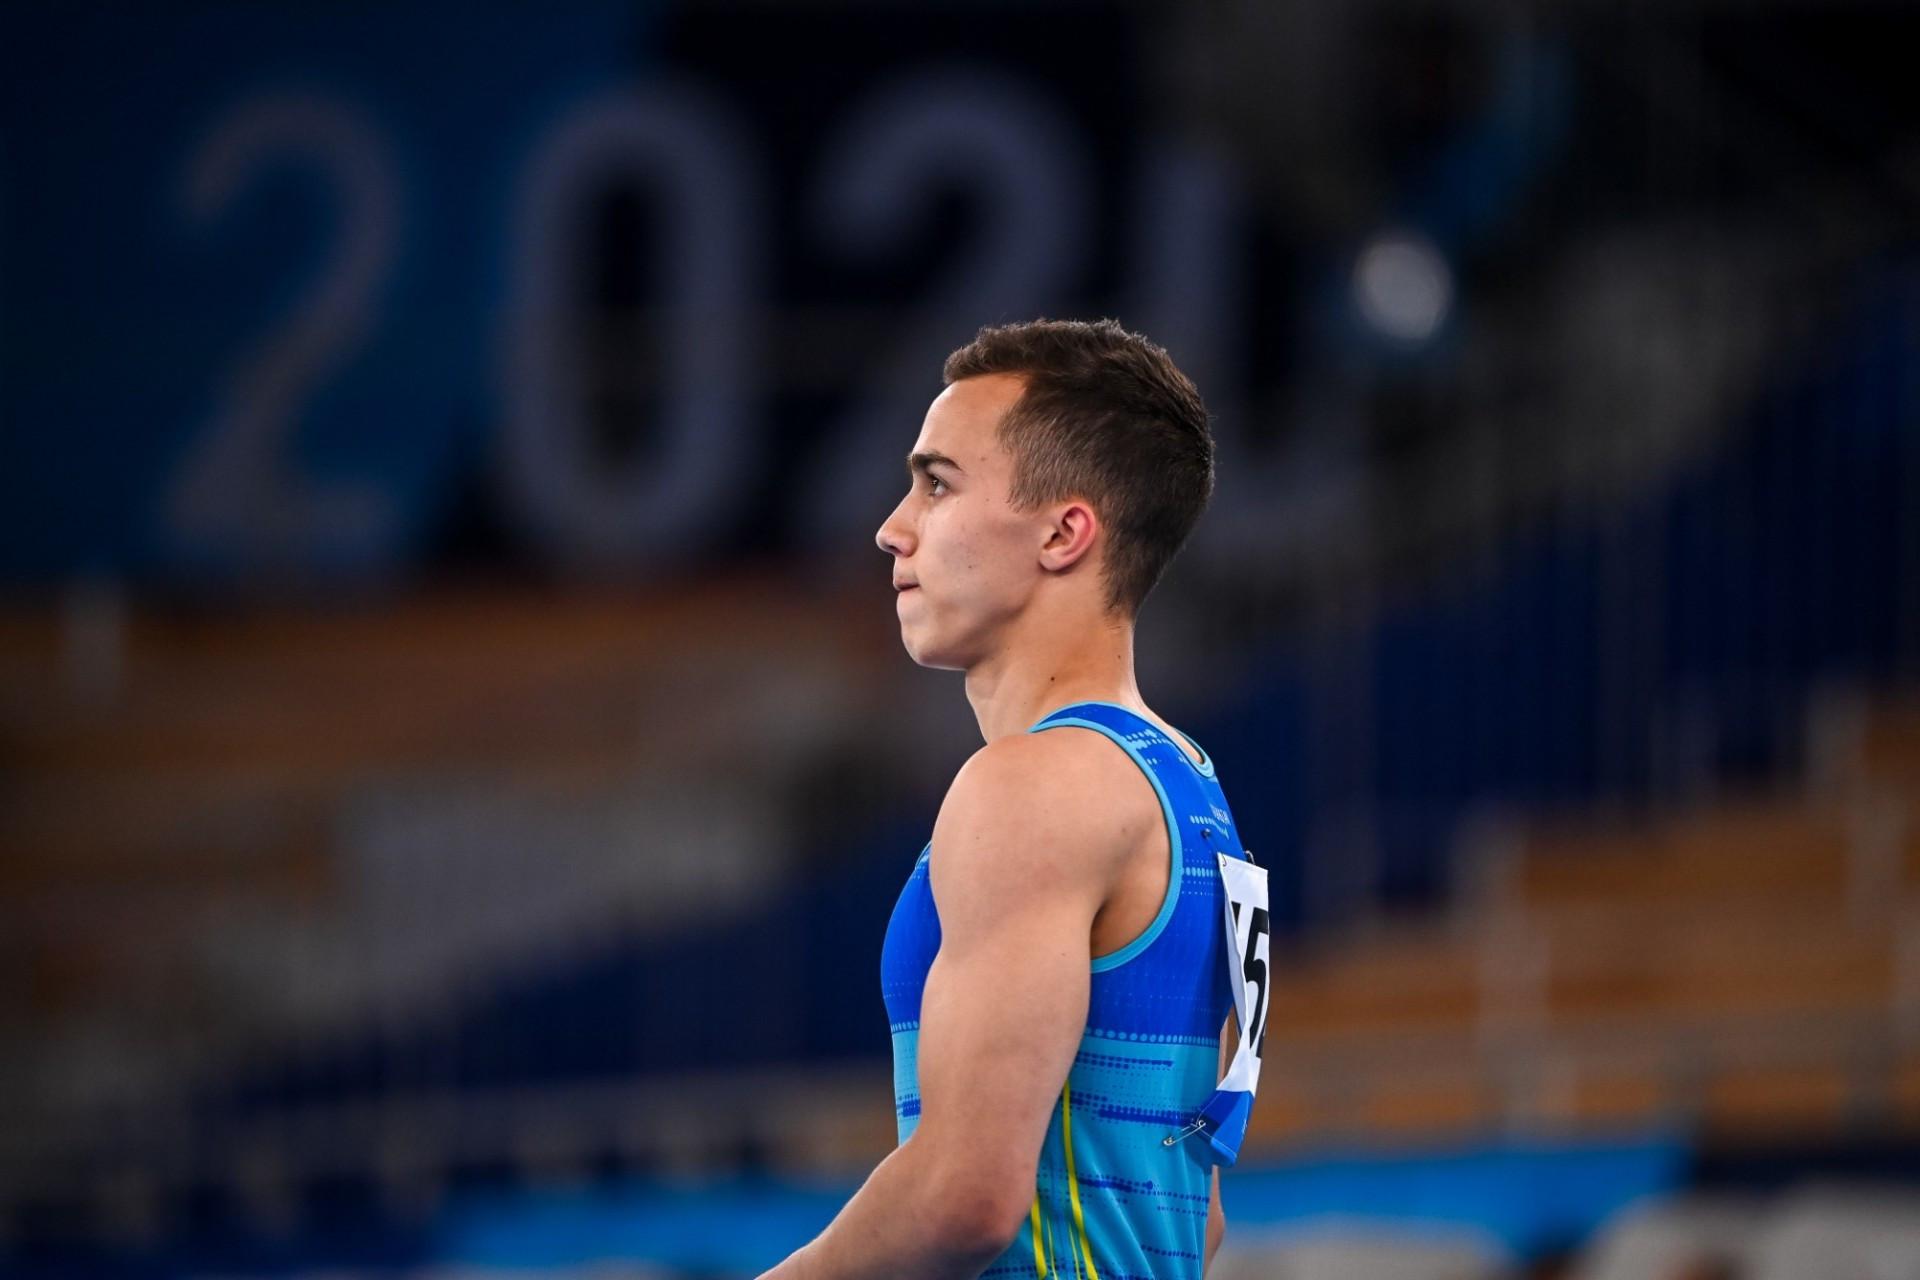 Милад Карими и Фарух Набиев выступят на этапе Кубка мира по спортивной гимнастике в Турции